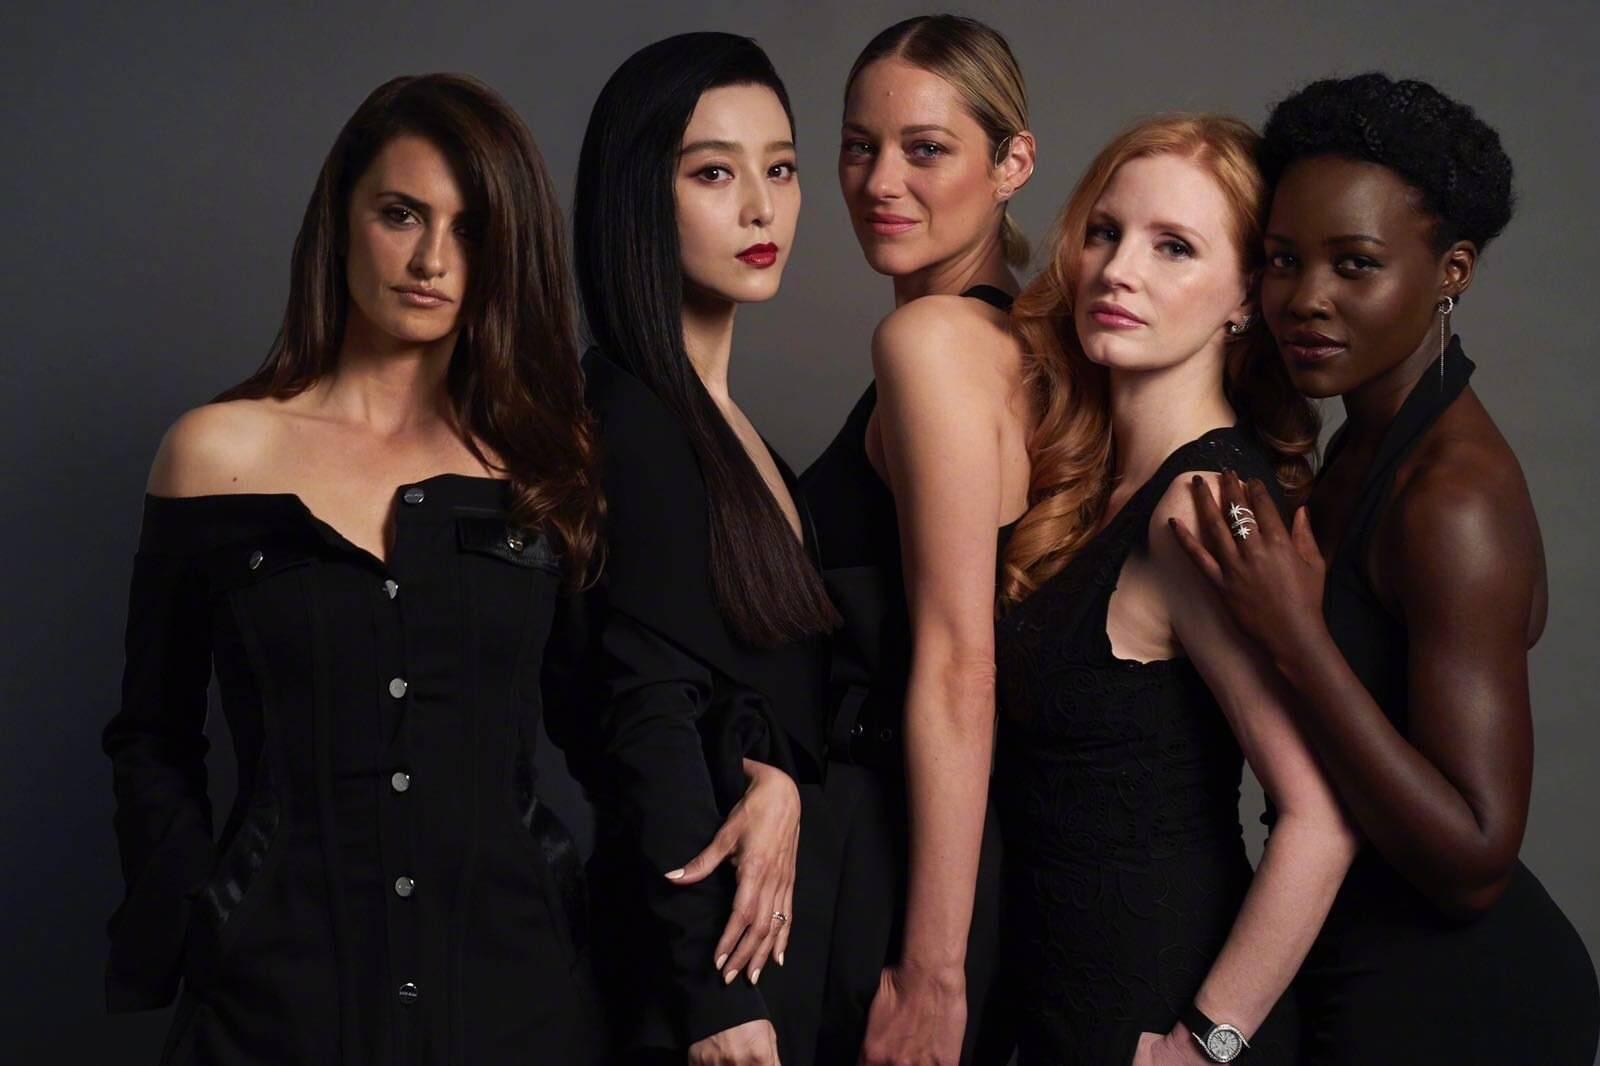 外媒曝范冰冰确定复出,将与4位好莱坞女星回归动作大片